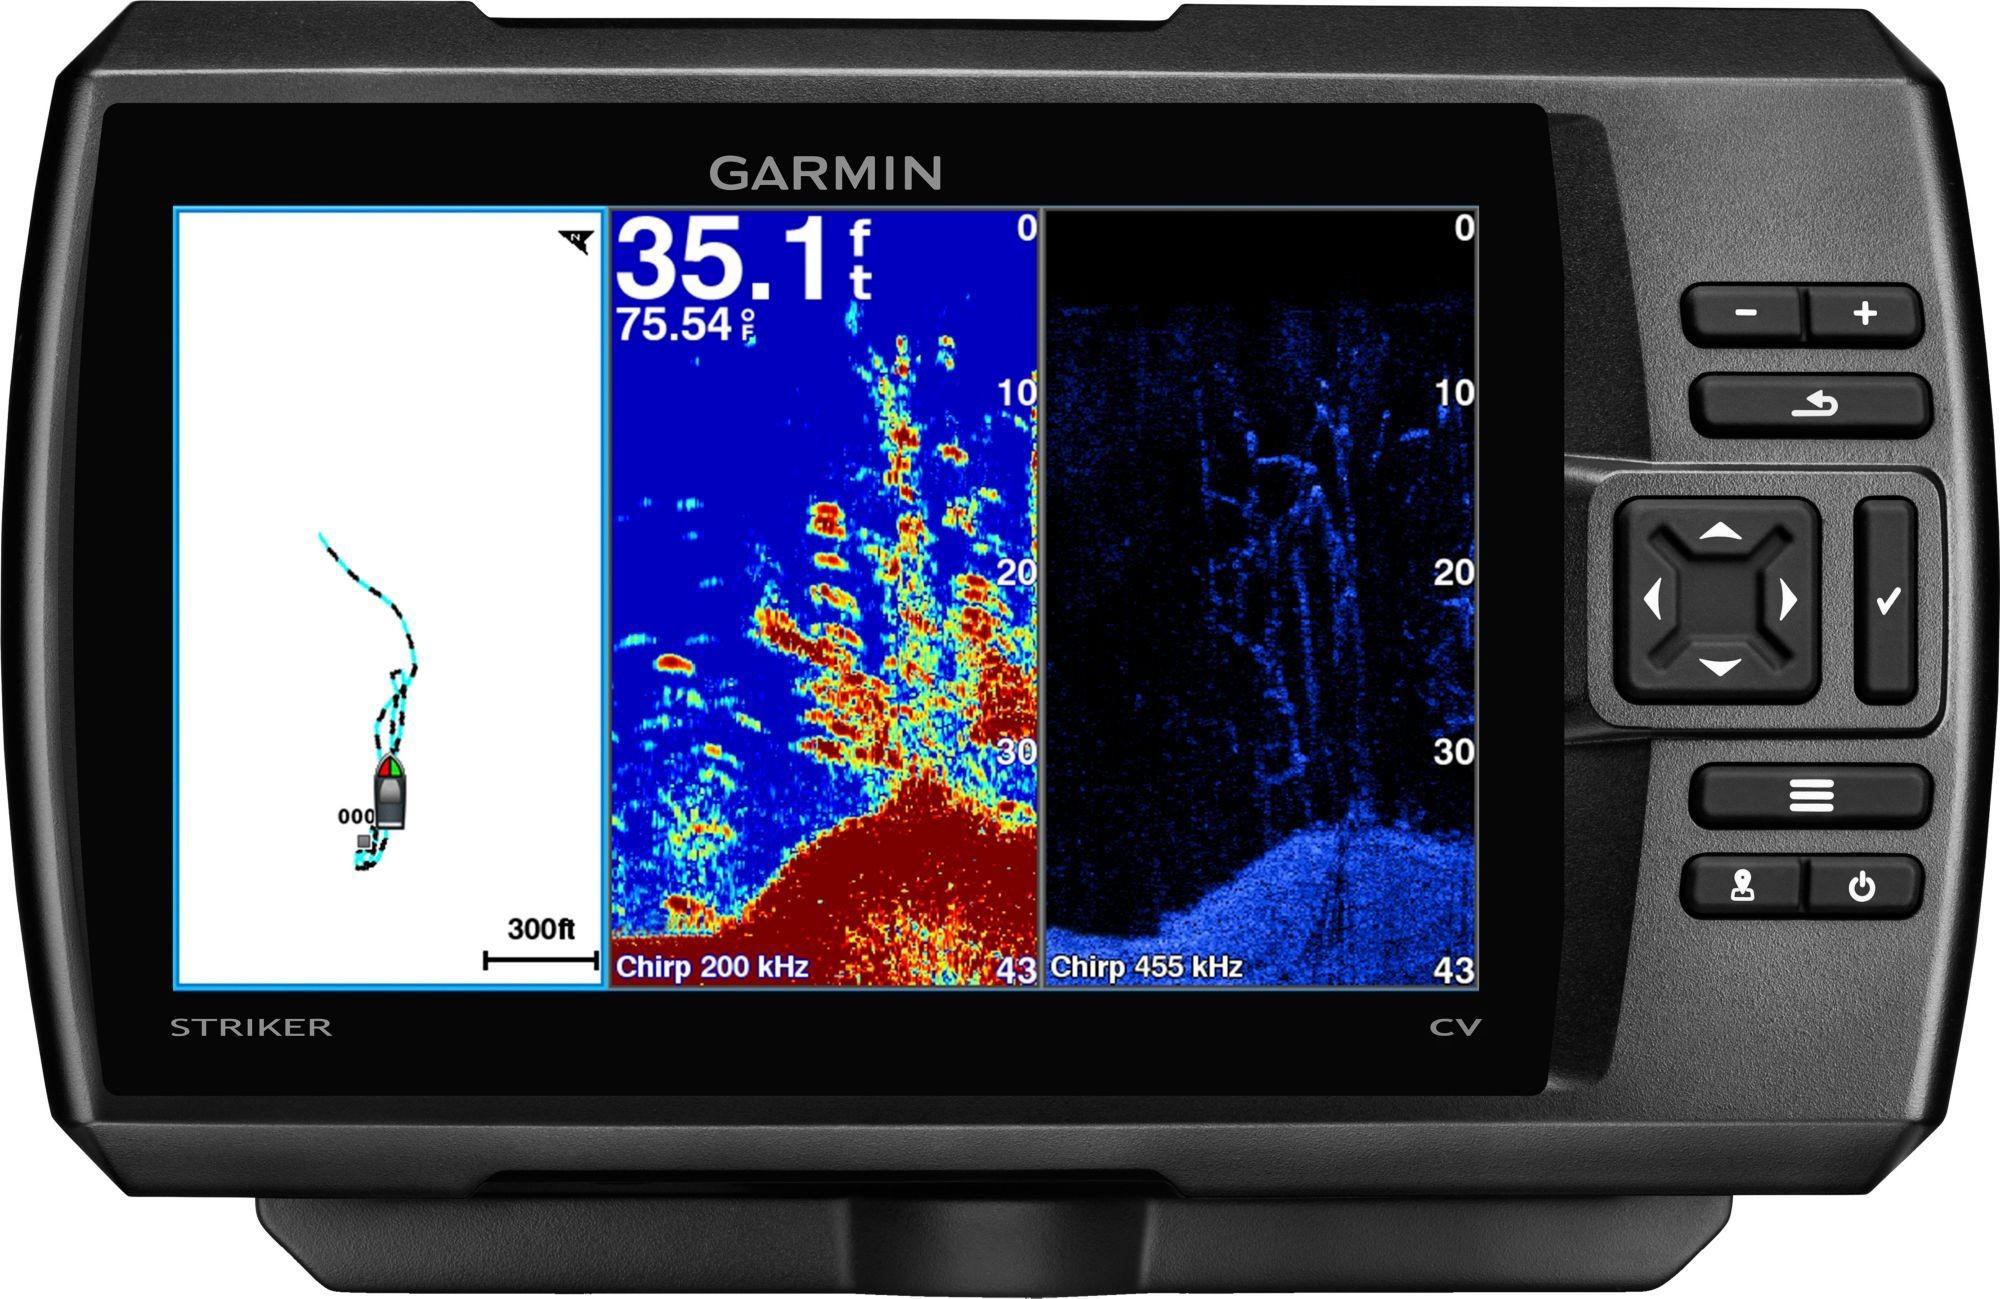 Wire Up Garmin Striker 4 Garmin Striker 7cv Gps Fish Finder 010 00 Blue Of Wire Up Garmin Striker 4